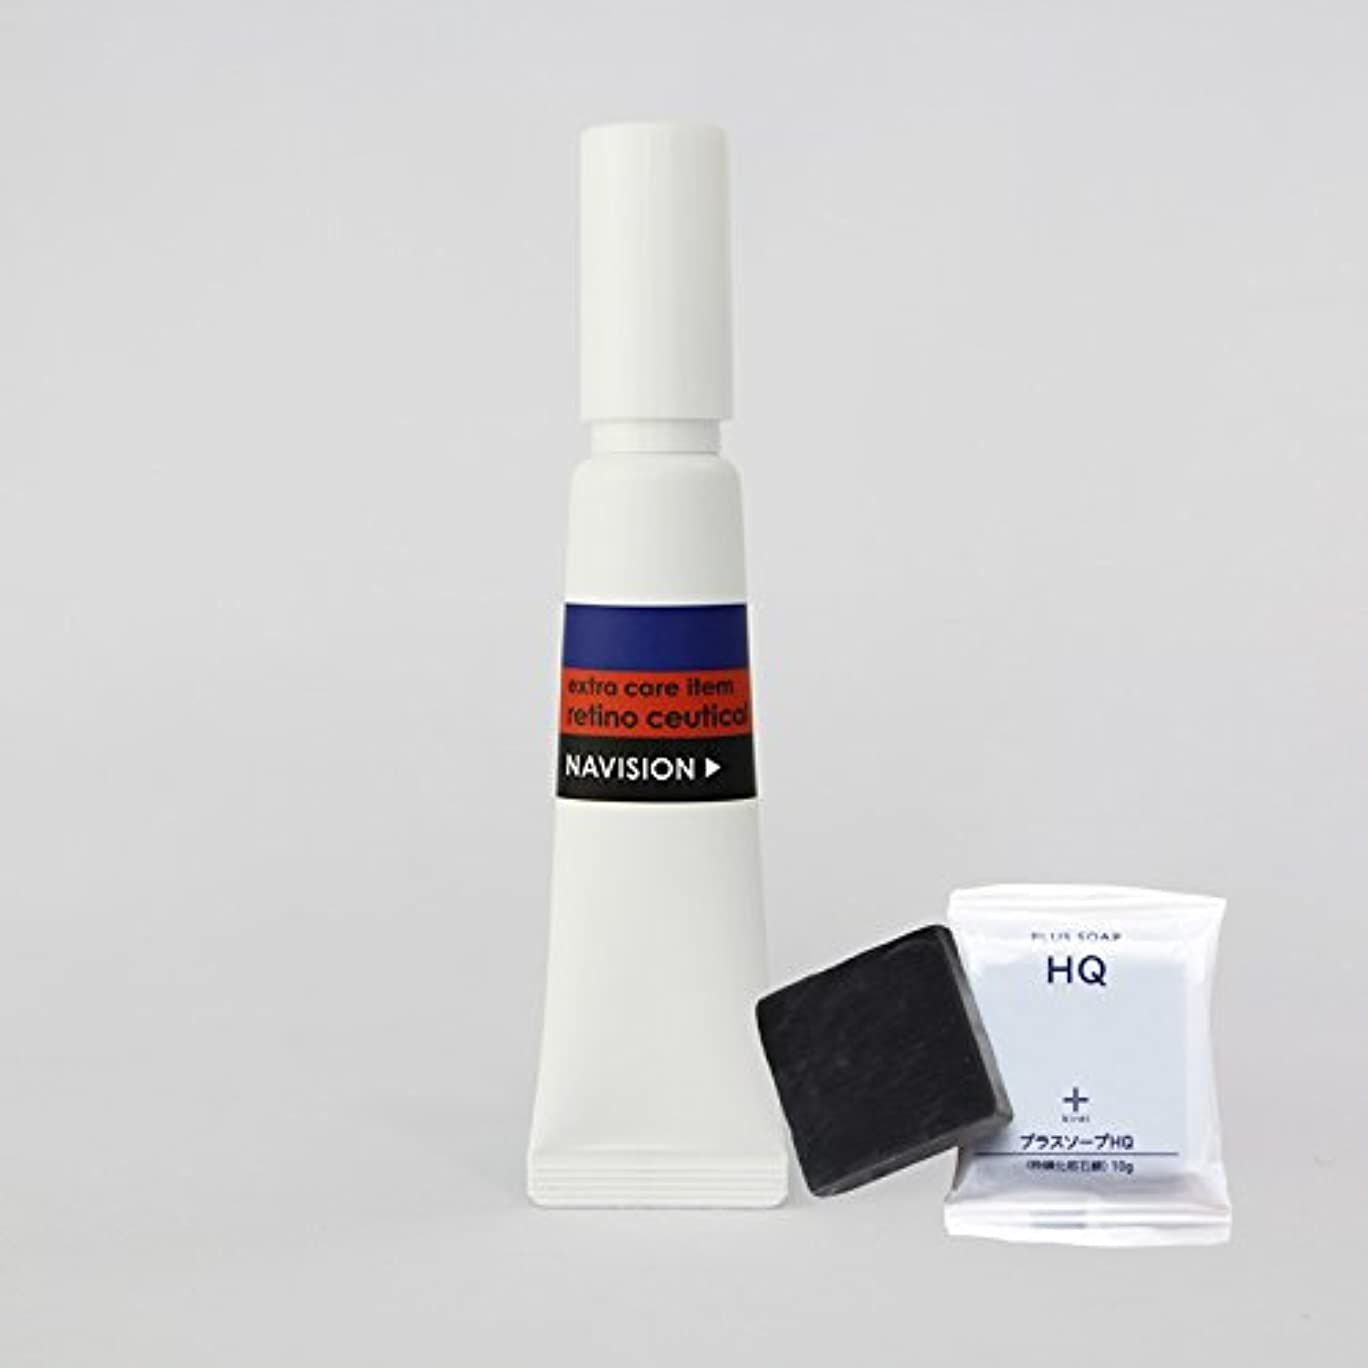 ポンペイバンカーとナビジョン NAVISION レチノシューティカル 15g (医薬部外品) + プラスキレイ プラスソープHQミニ